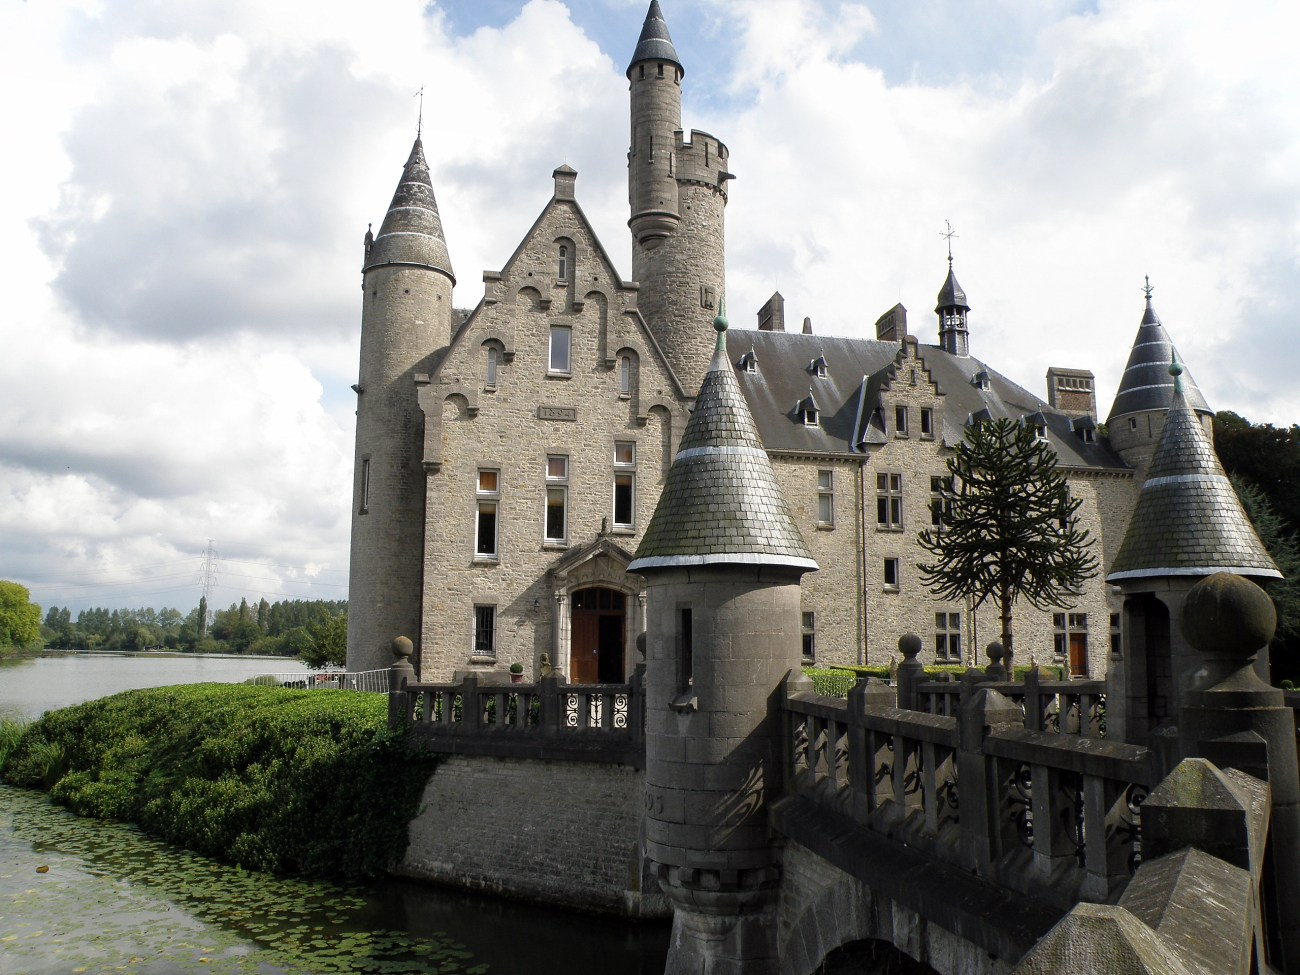 Castle Marnix